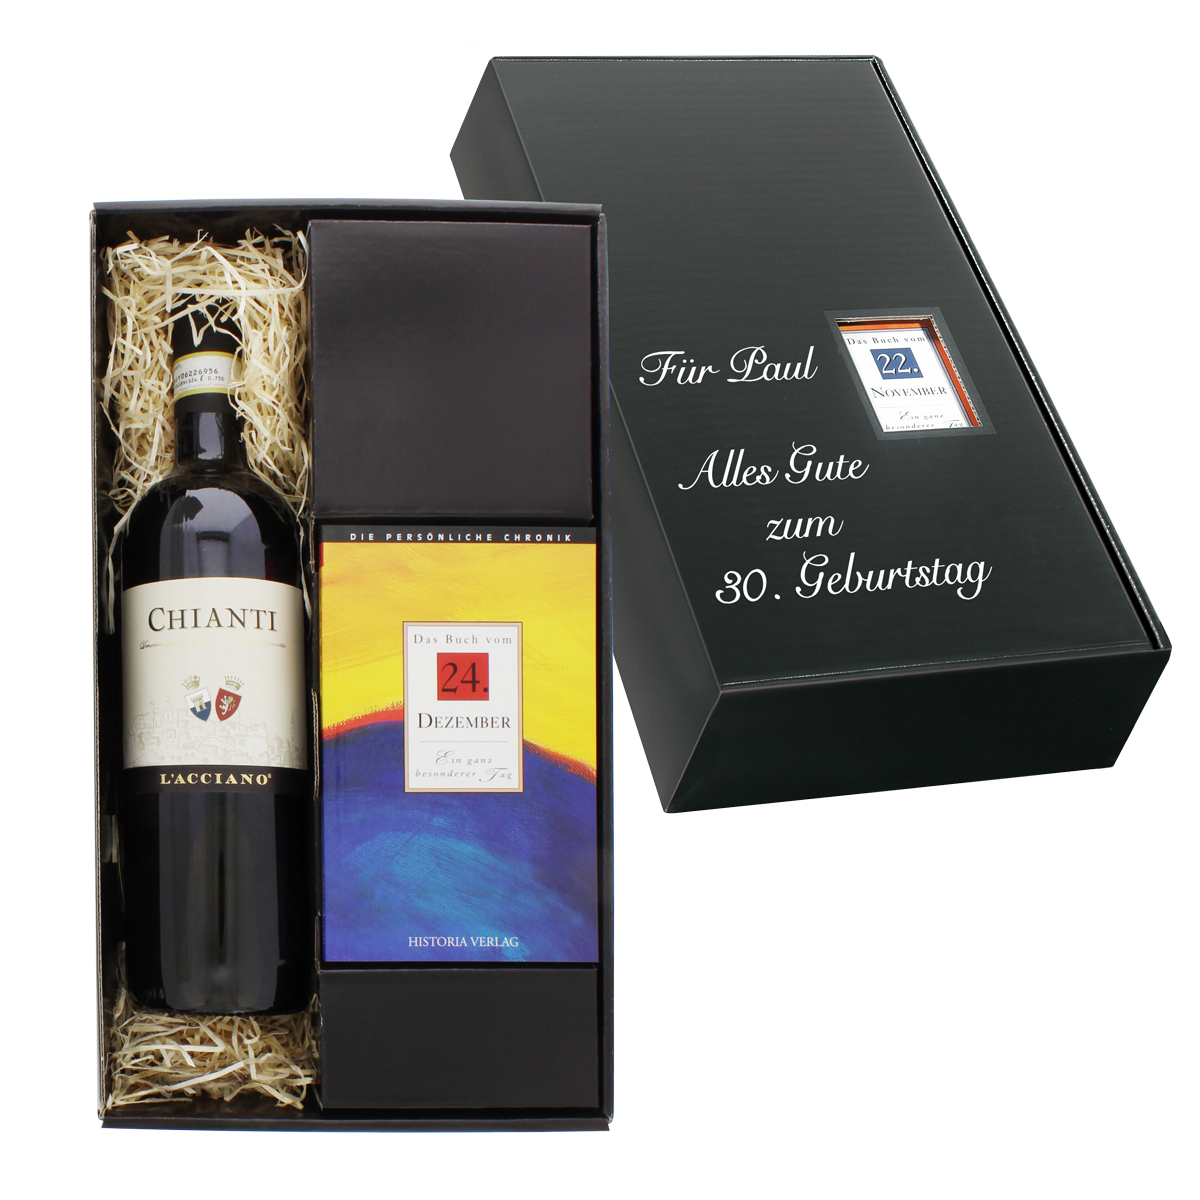 Italien-Set: Tageschronik vom 15. Mai & Chianti-Wein